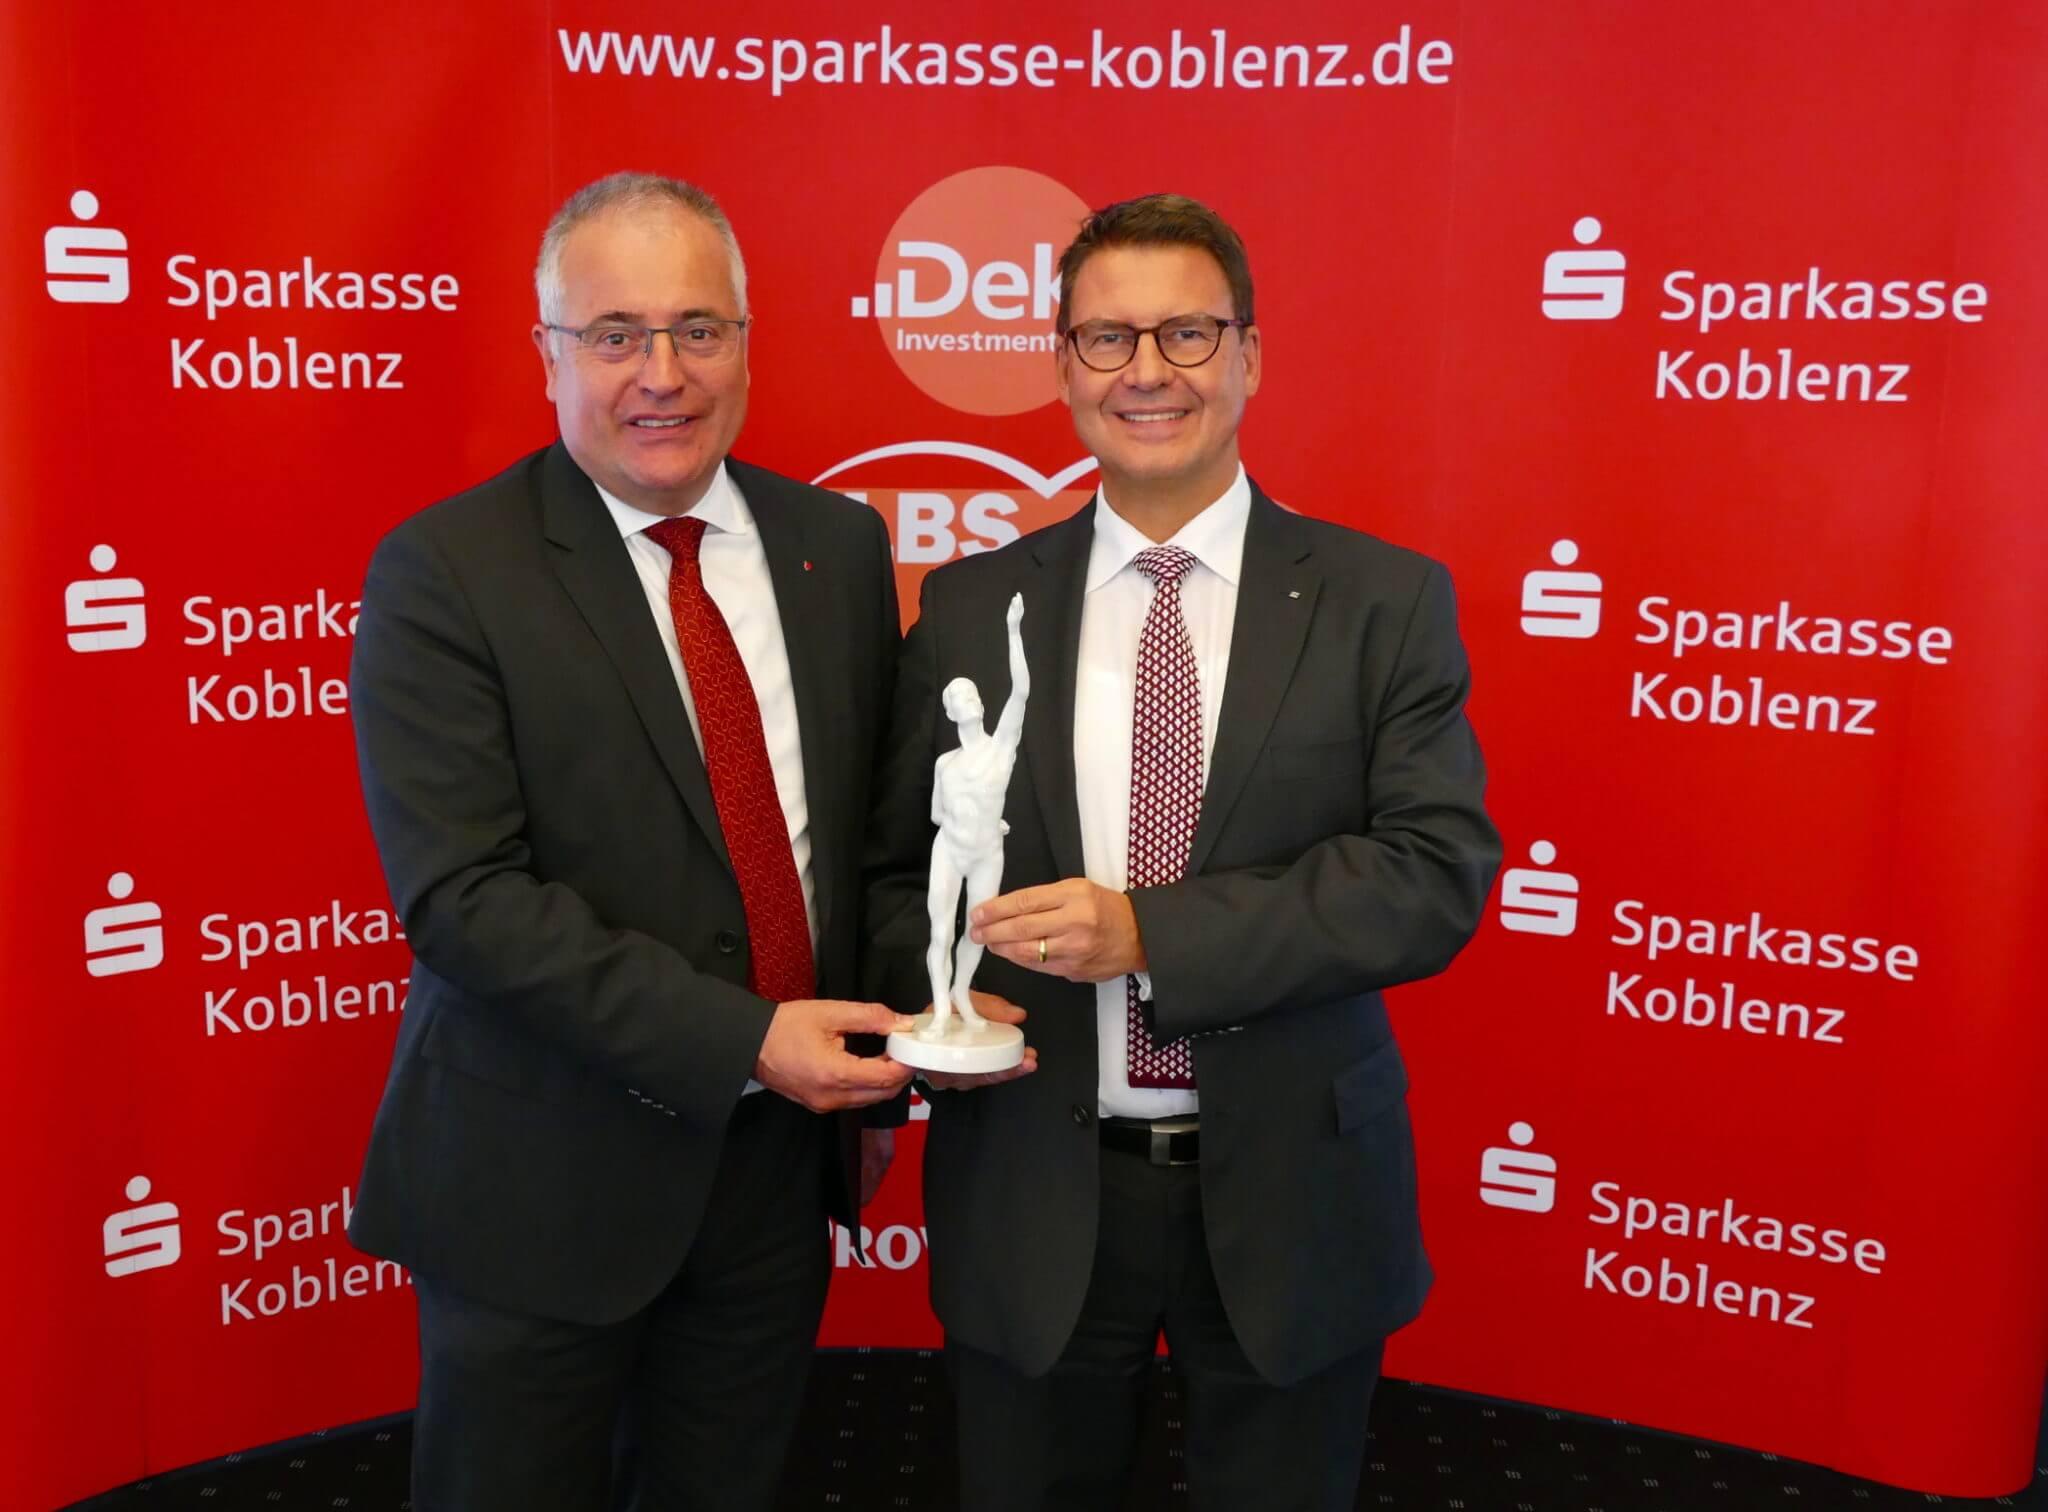 """Freuen sich über die Auszeichnung """"Premier-Bank 2019"""". (v.l.) Jörg Perscheid, Vorstand und Matthias Nester, Vorstandsvorsitzender der Sparkasse Koblenz."""